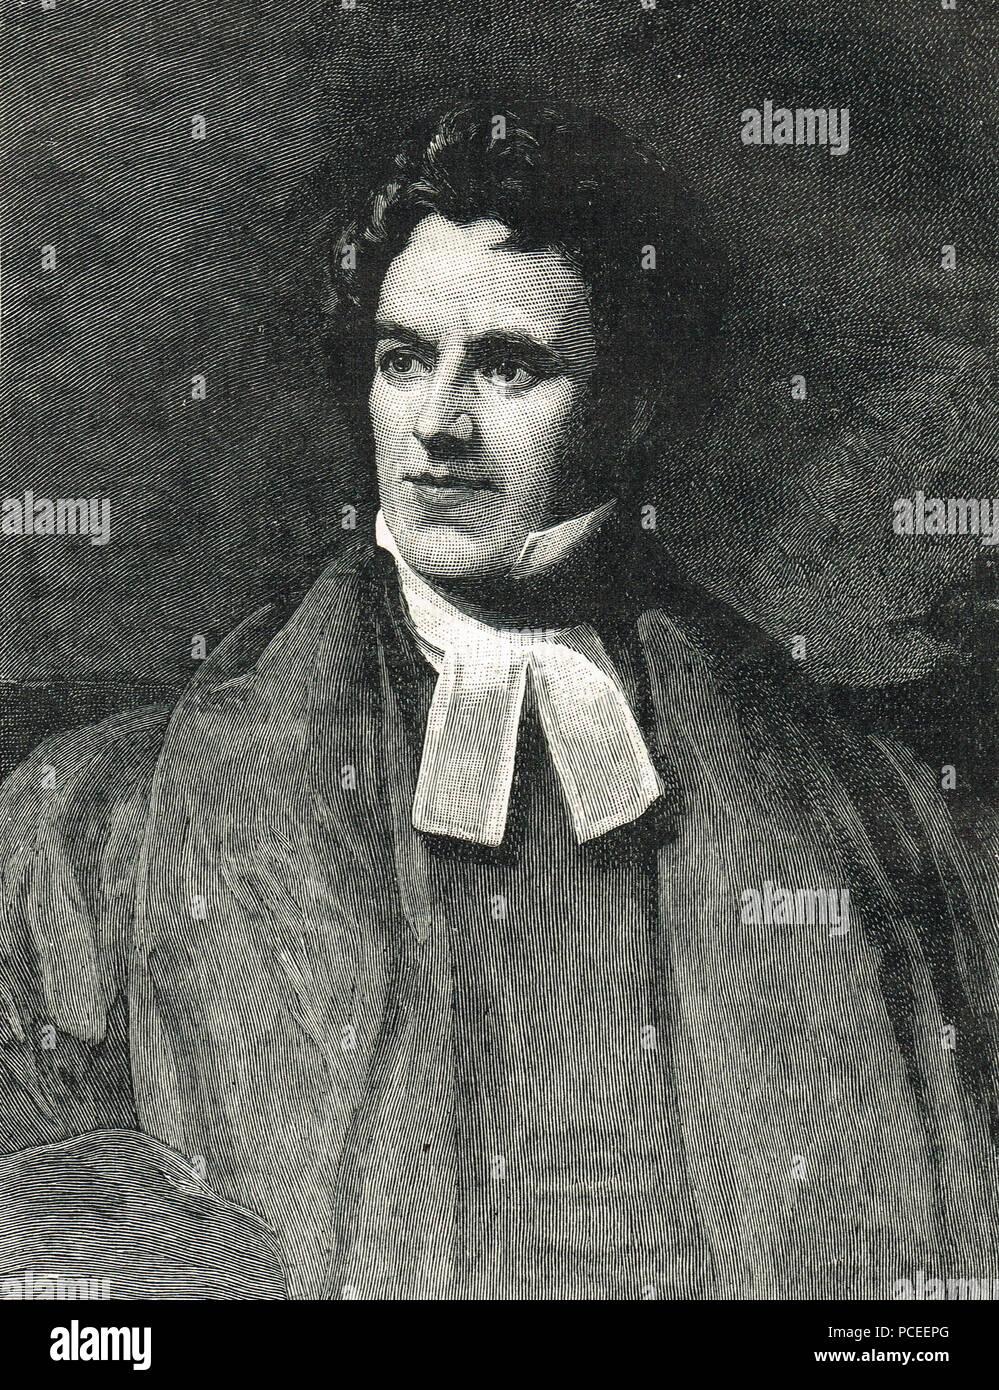 Thomas Arnold, éducateur et historien anglais, partisan de l'Église large mouvement anglican, et directeur de l'école de Rugby Photo Stock